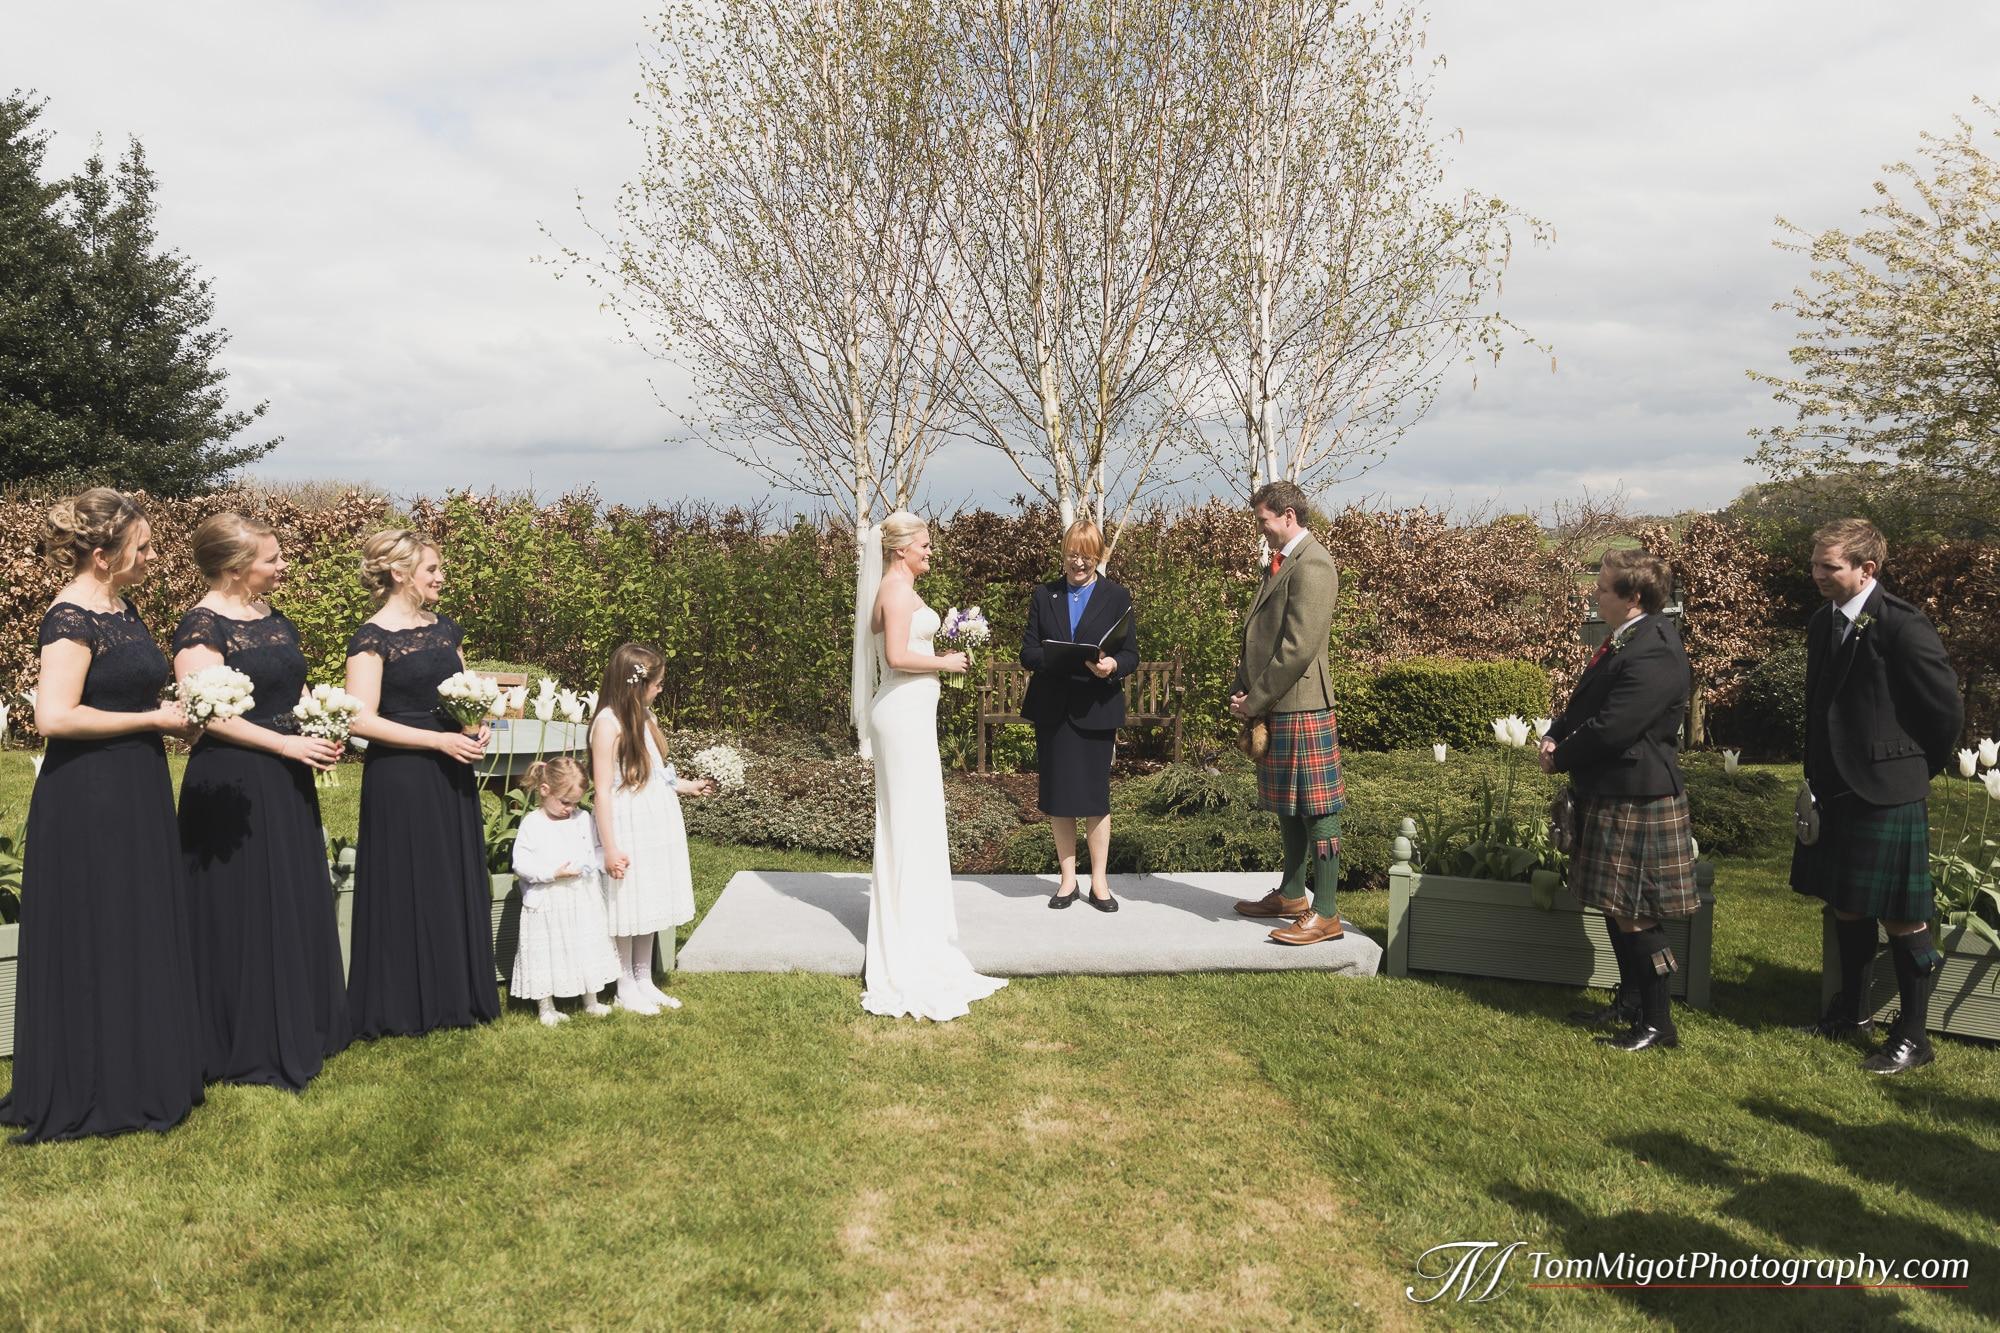 La cérémonie de mariage dans le jardin familiale